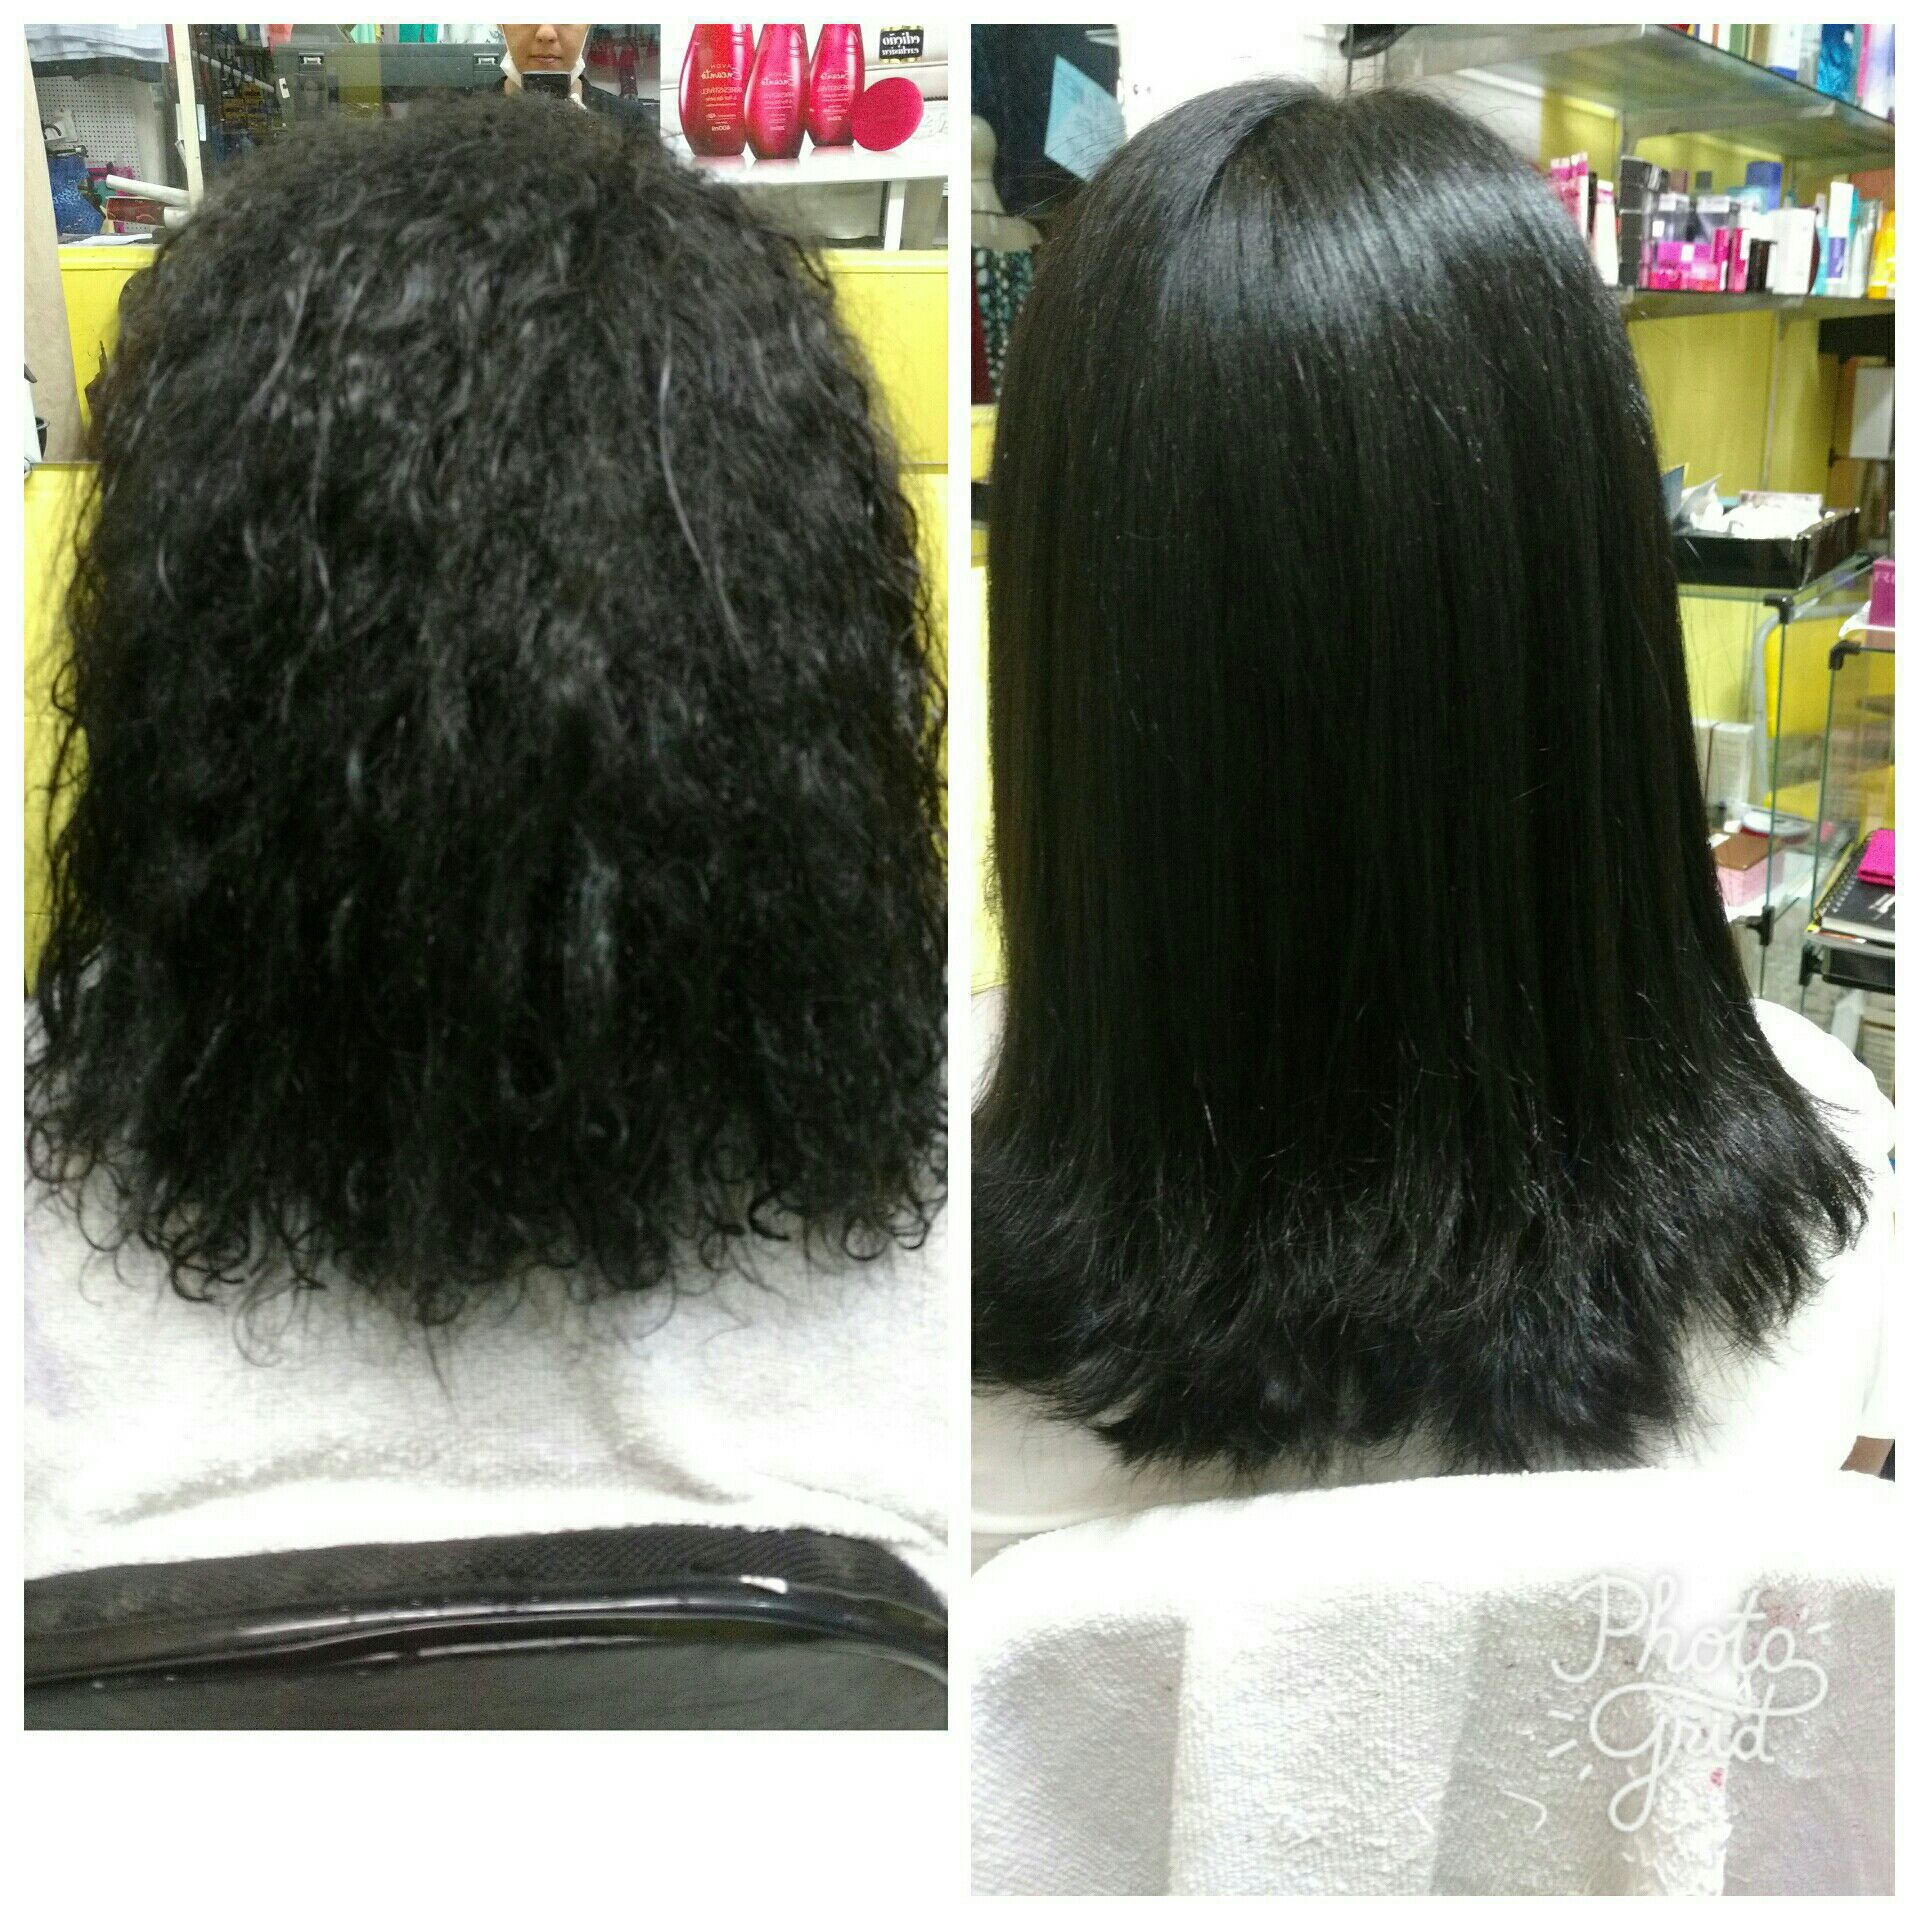 Aqui foi feito uma progressiva + corte produtos progressiva Portier cabelo auxiliar cabeleireiro(a)